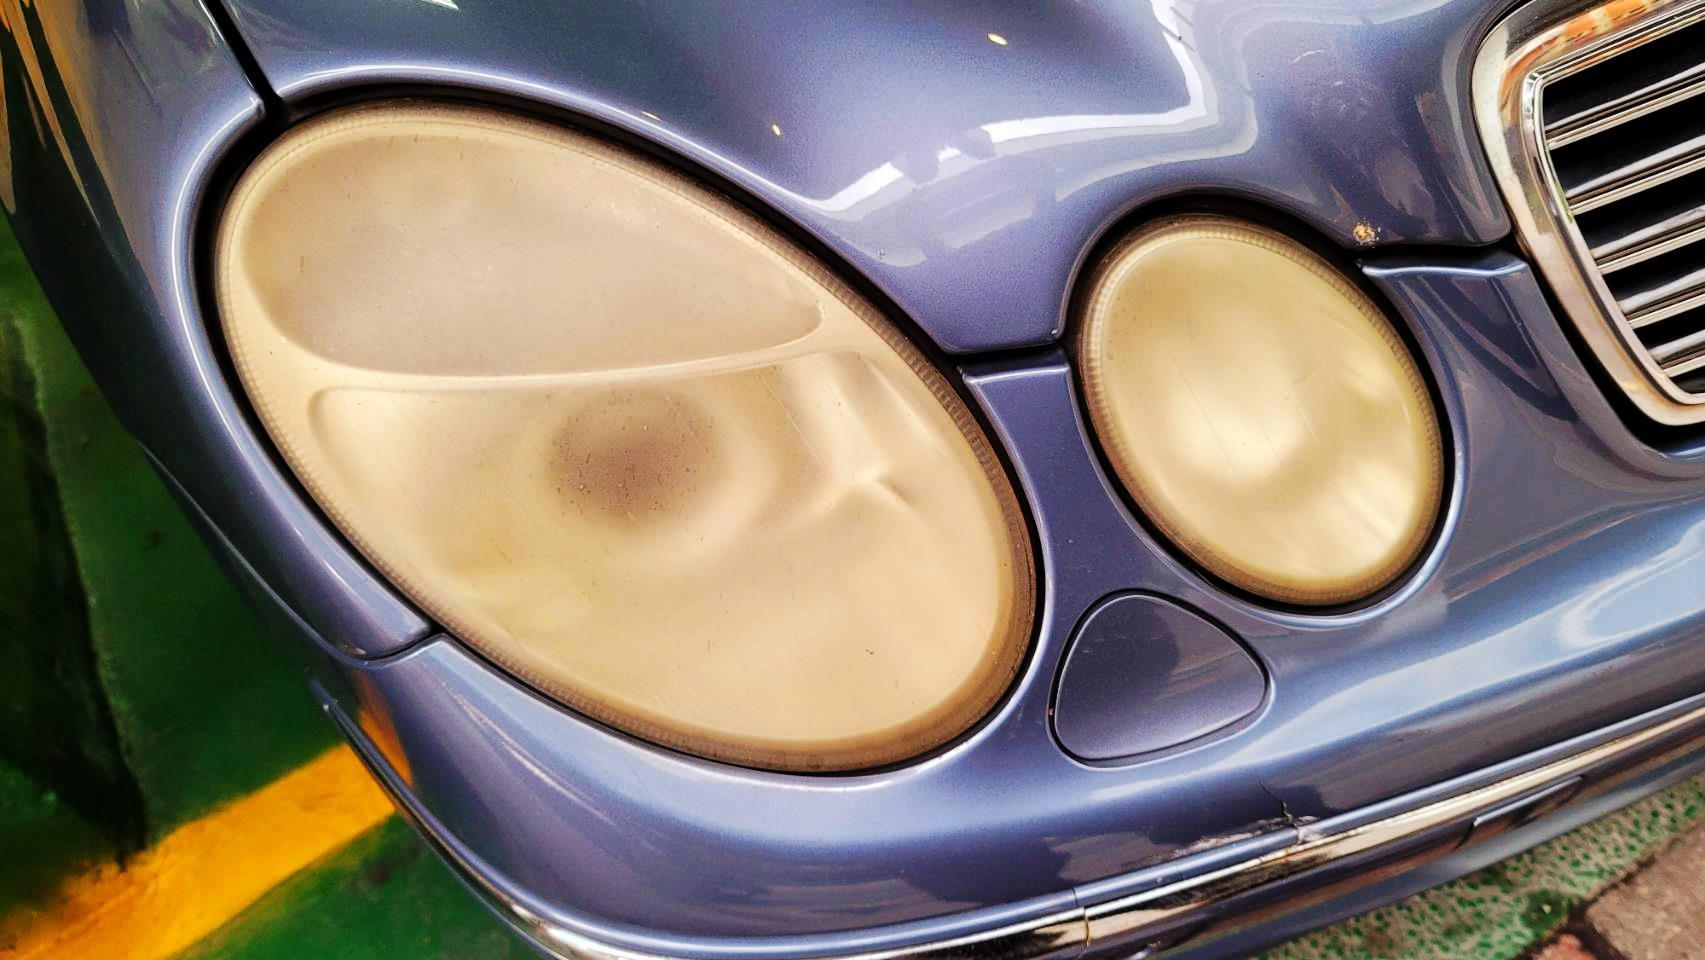 【冠傑汽車】賓士/BENZ E200/大燈泛黃問題#夜間照明不佳#大燈不夠亮#大燈拋光#大燈維修#大燈修復#OiCar新北市三重區推薦汽車保養維修線上預約保障服務